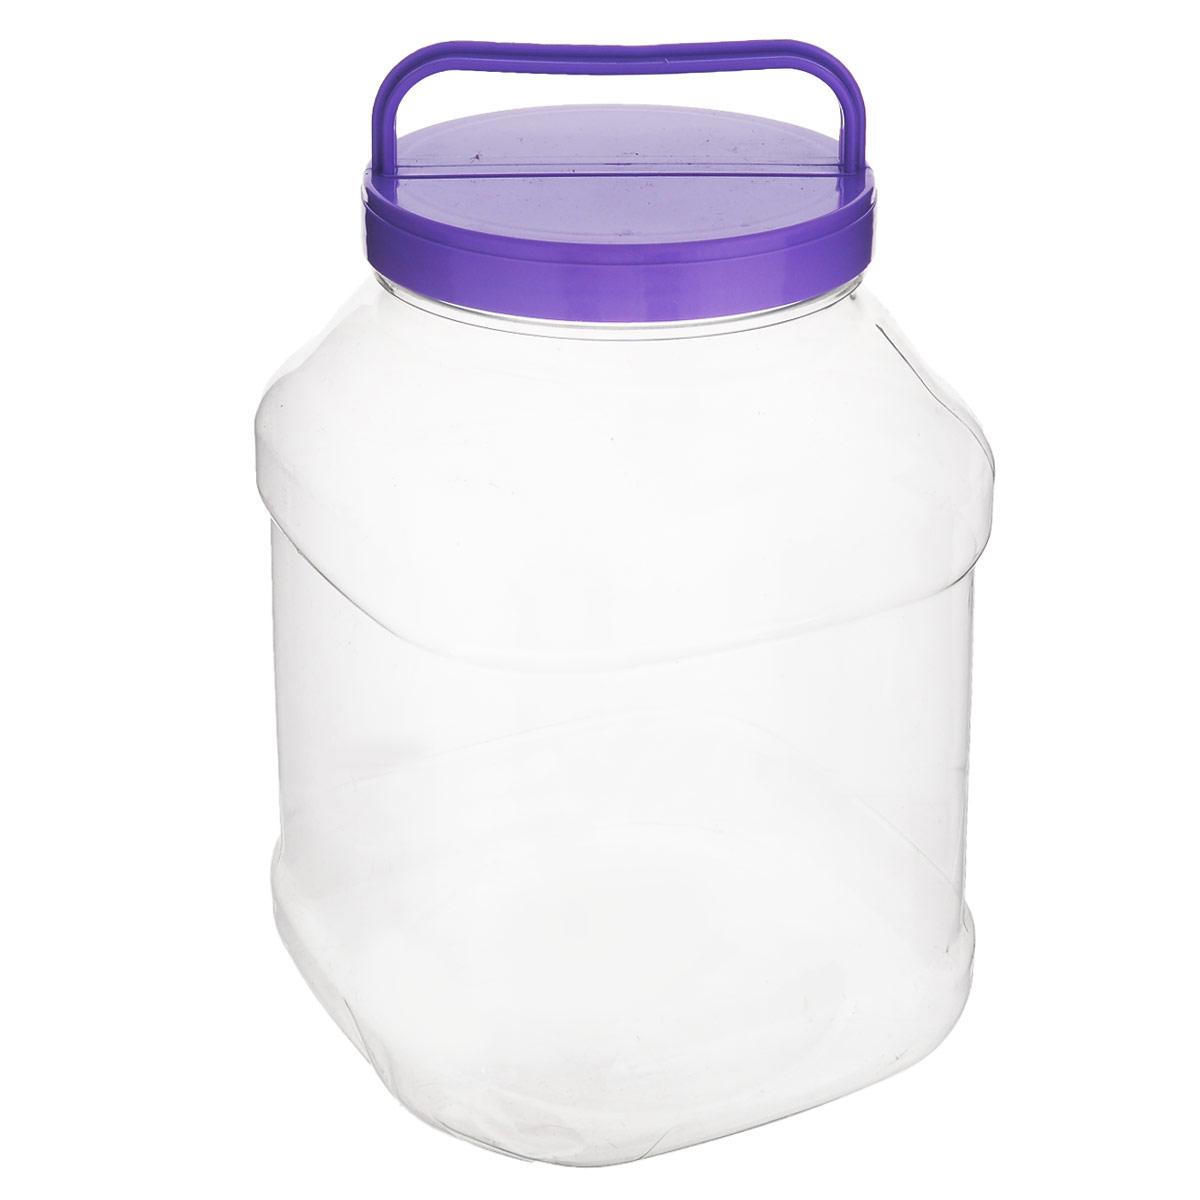 Бидон Альтернатива, прямоугольный, цвет: фиолетовый, 3 лМ463_фиолетовыйБидон Альтернатива предназначен для хранения и переноски пищевыхпродуктов, таких какмолоко, вода и прочее. Изделие выполнено из пищевого высококачественногоПЭТ.Оснащен ручкойдля удобной переноски. Бидон Альтернатива станет незаменимым аксессуаром на вашей кухне.Диаметр крышки: 10,5 см.Высота бидона (без учета крышки): 19 см. Размер дна: 15 см х 15 см.